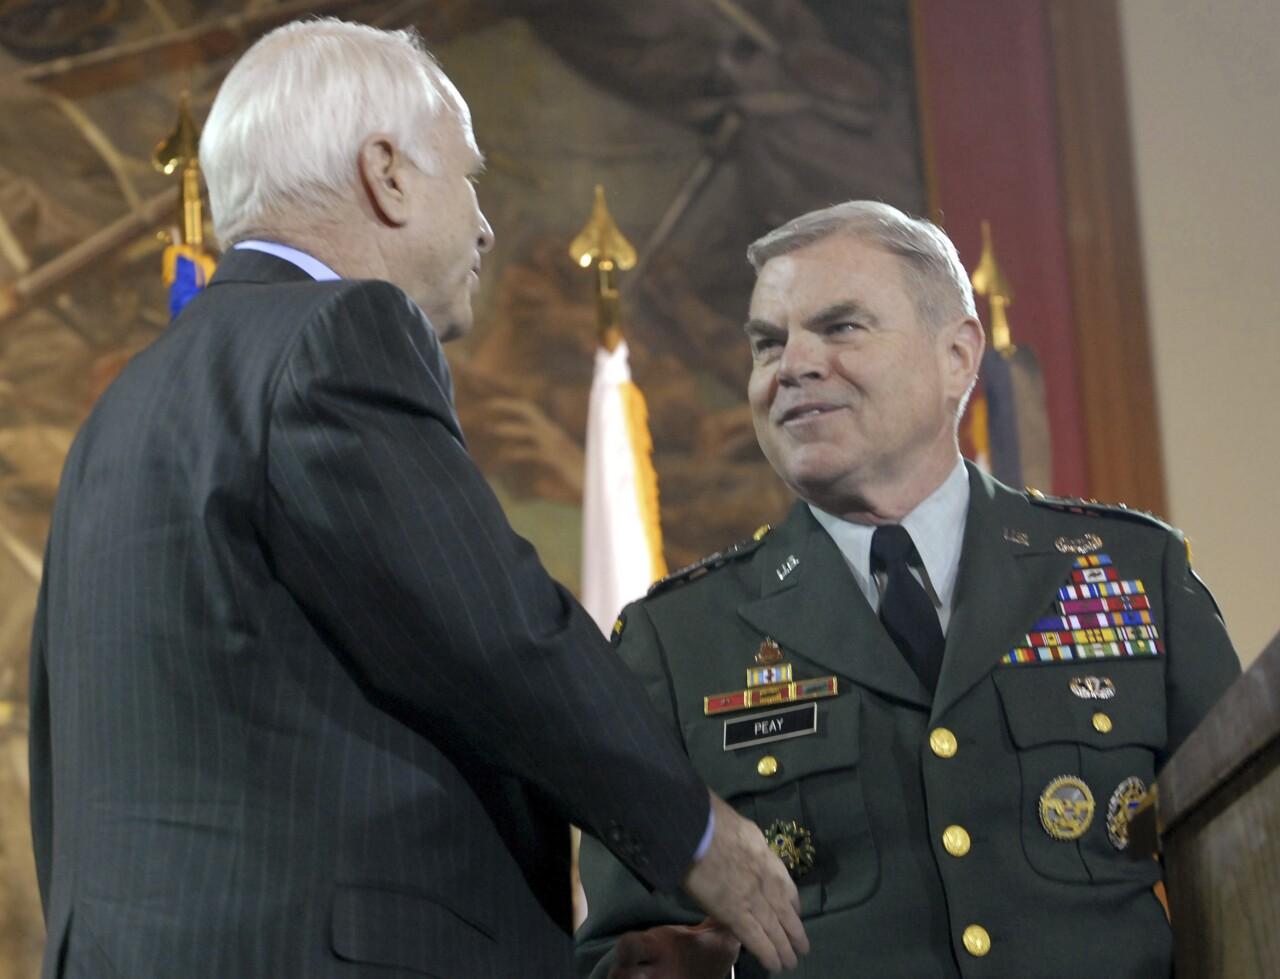 John McCain, Binford Peay